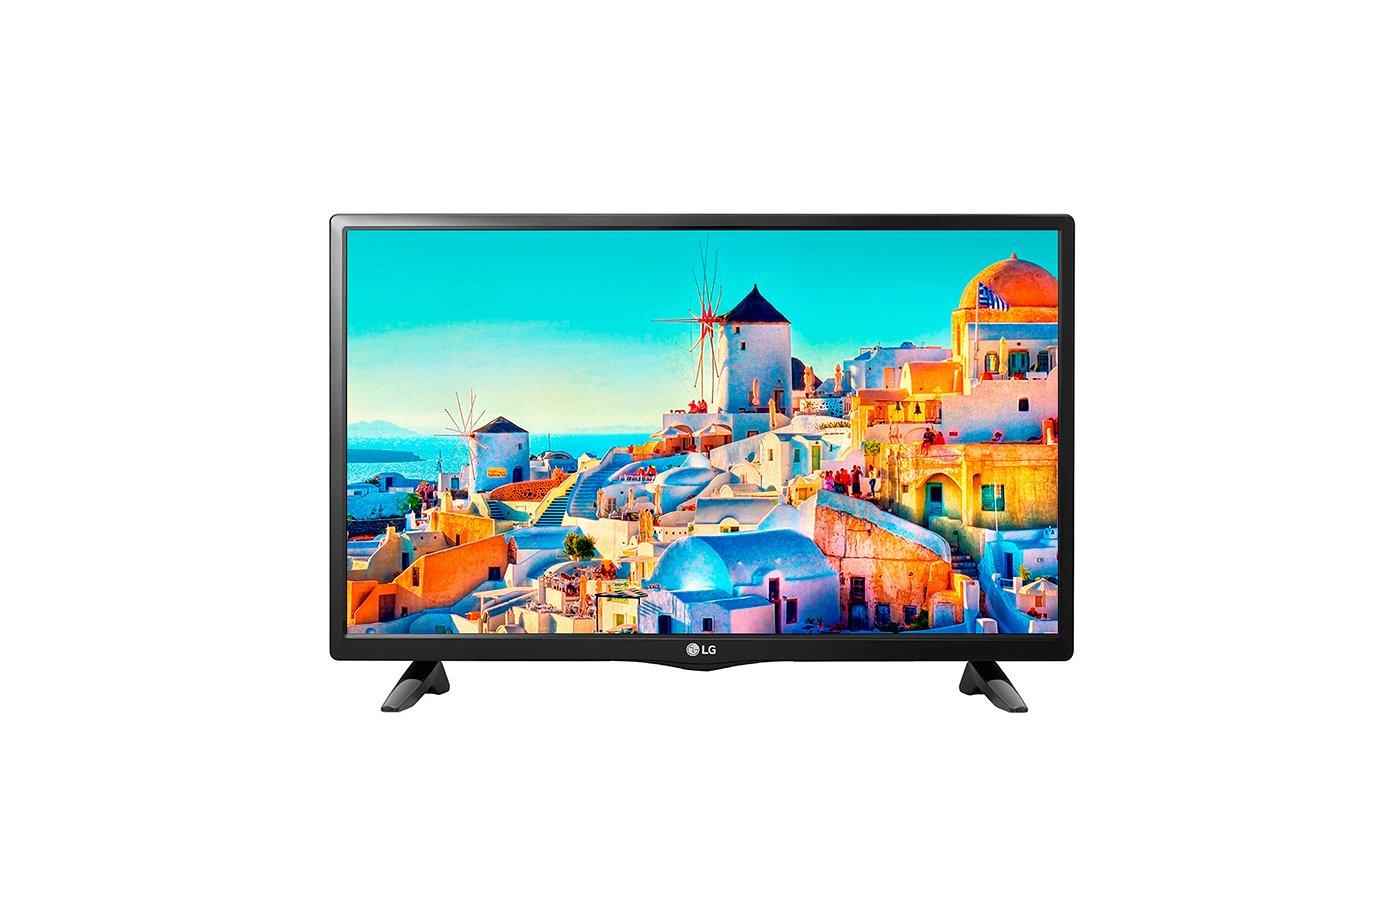 LED телевизор LG 28LH450U